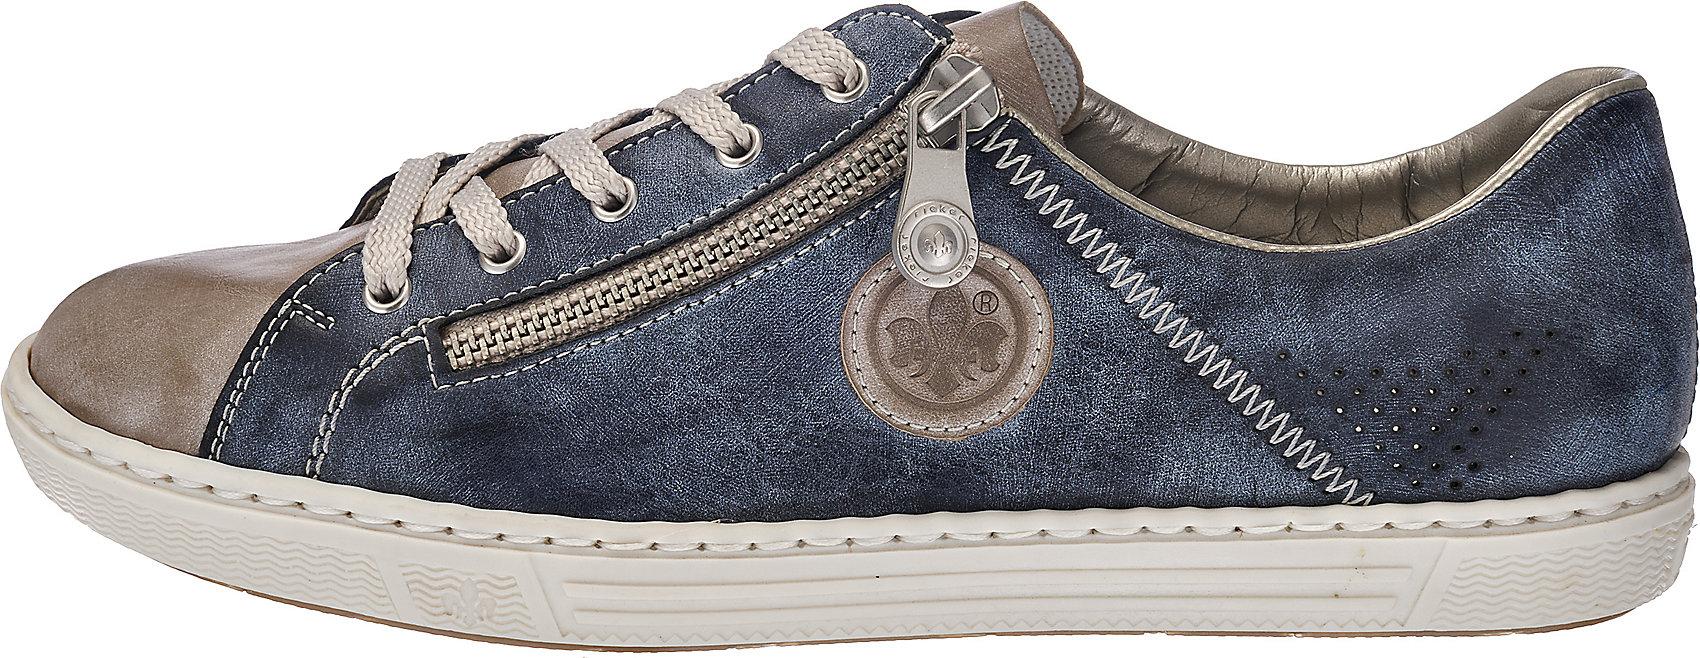 Rieker Damen Halbschuh blau Greyjeans 36 günstig kaufen | eBay